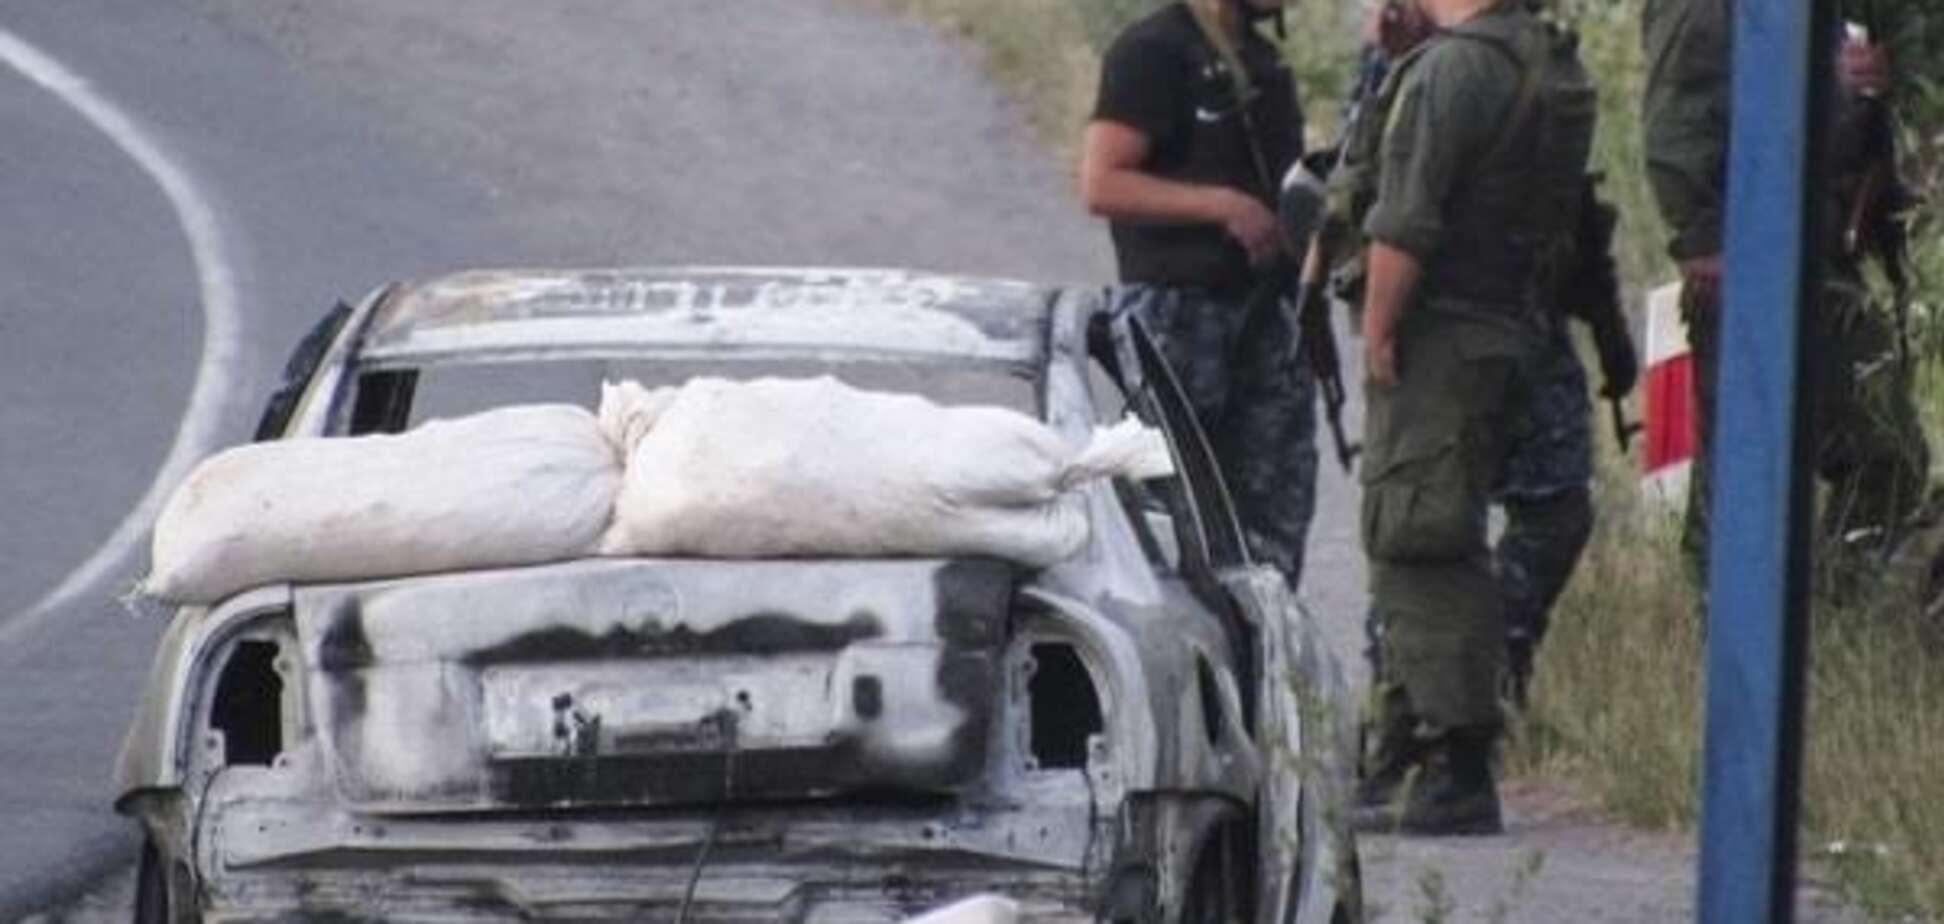 Комиссия по стрельбе в Мукачево: у ГПУ, МВД и СБУ разные версии конфликта